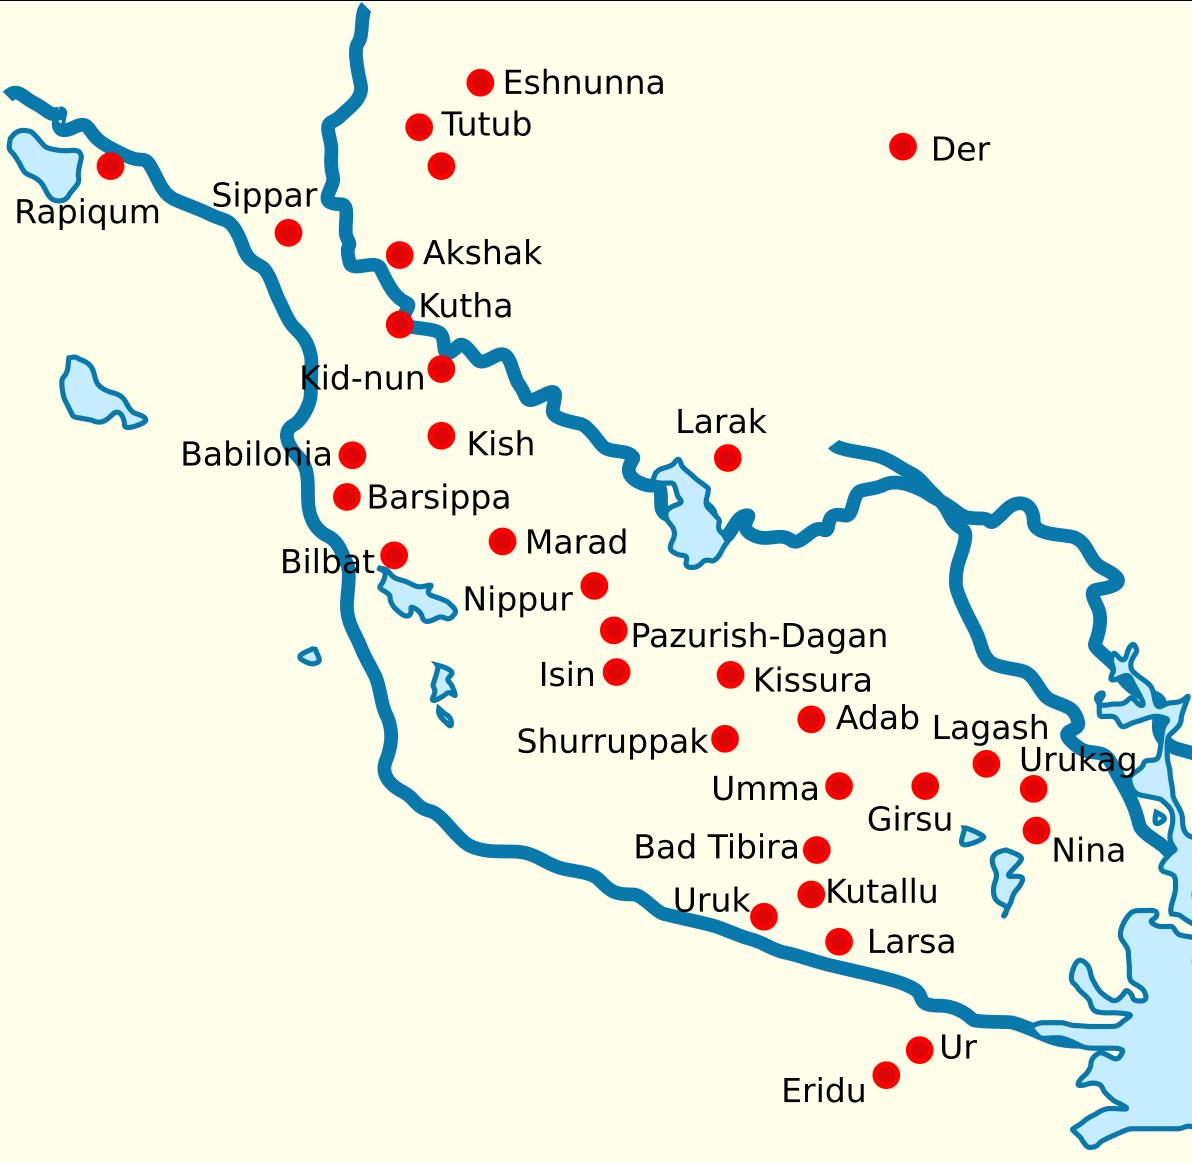 সুমেরীয় শহরগুলো